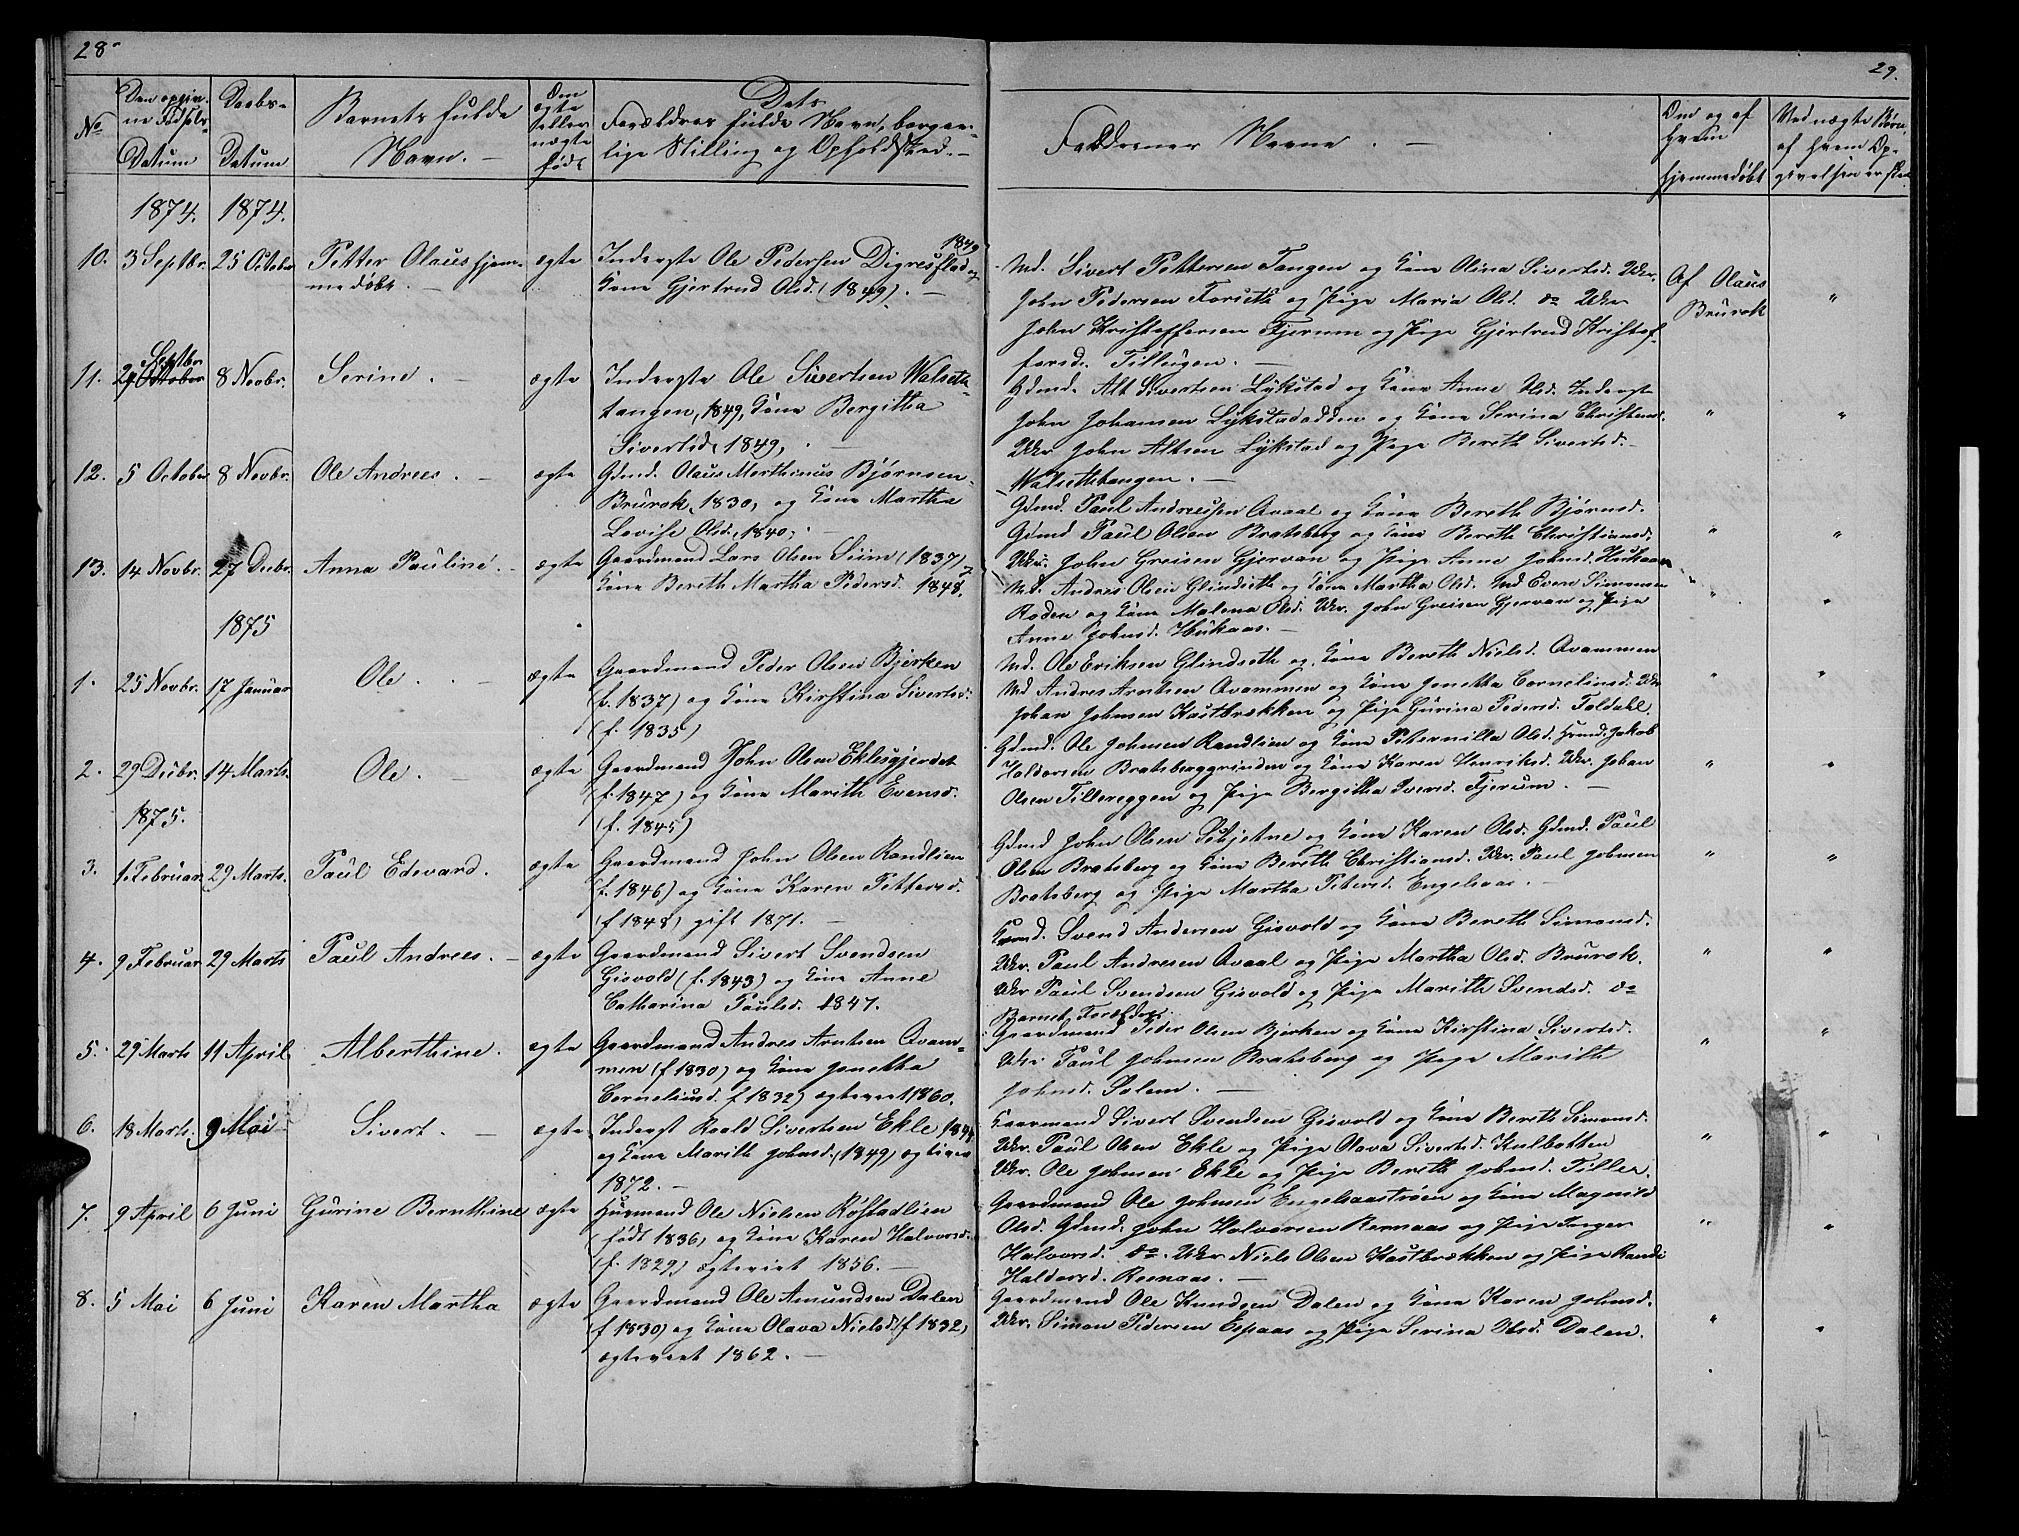 SAT, Ministerialprotokoller, klokkerbøker og fødselsregistre - Sør-Trøndelag, 608/L0340: Klokkerbok nr. 608C06, 1864-1889, s. 28-29